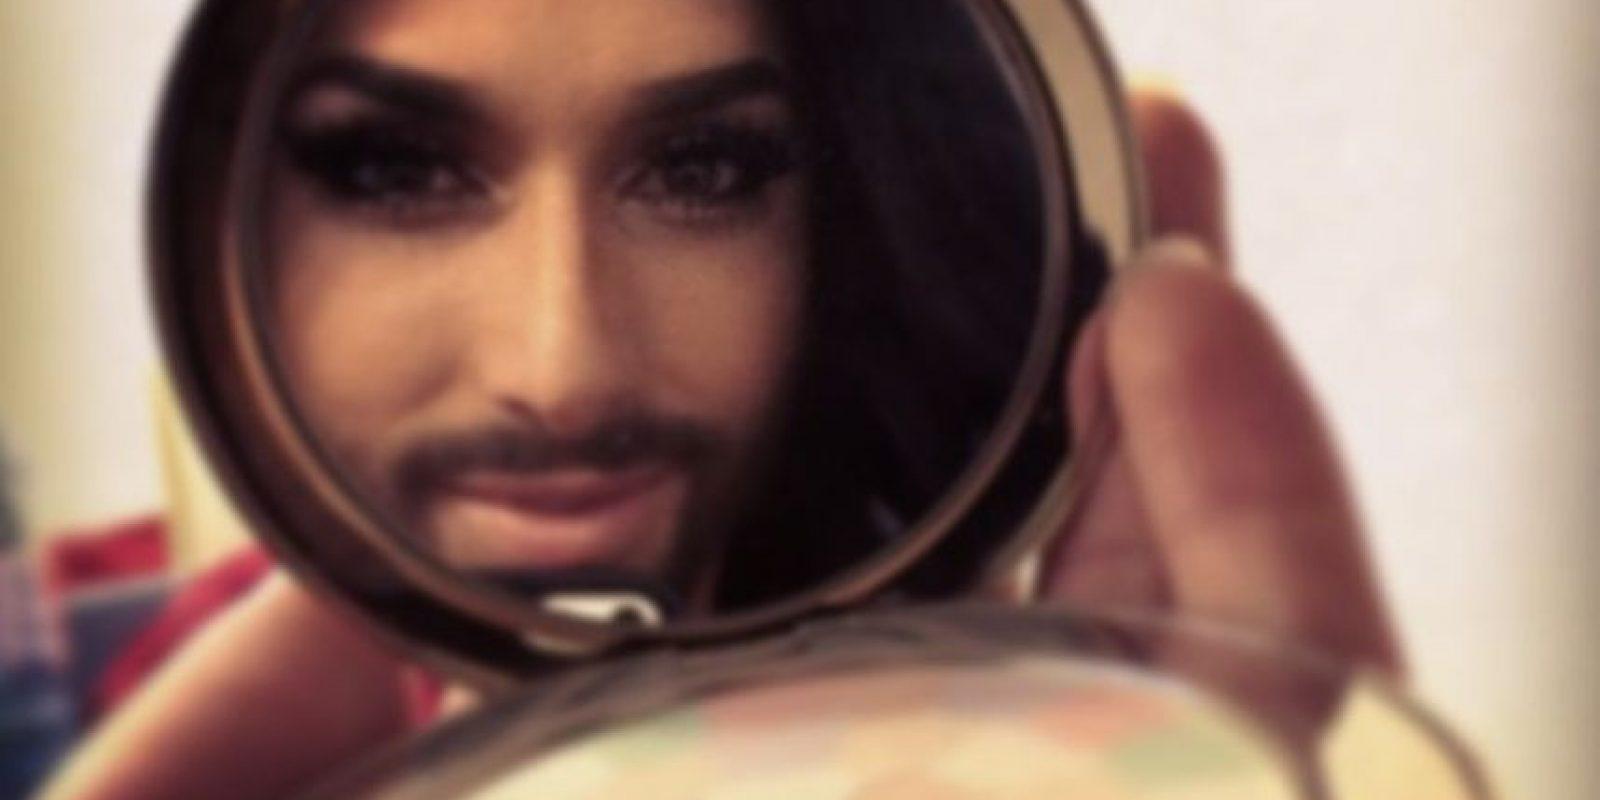 En su biografía afirma que Conchita nació en Colombia. Foto:Instagram/Conchita Wurst